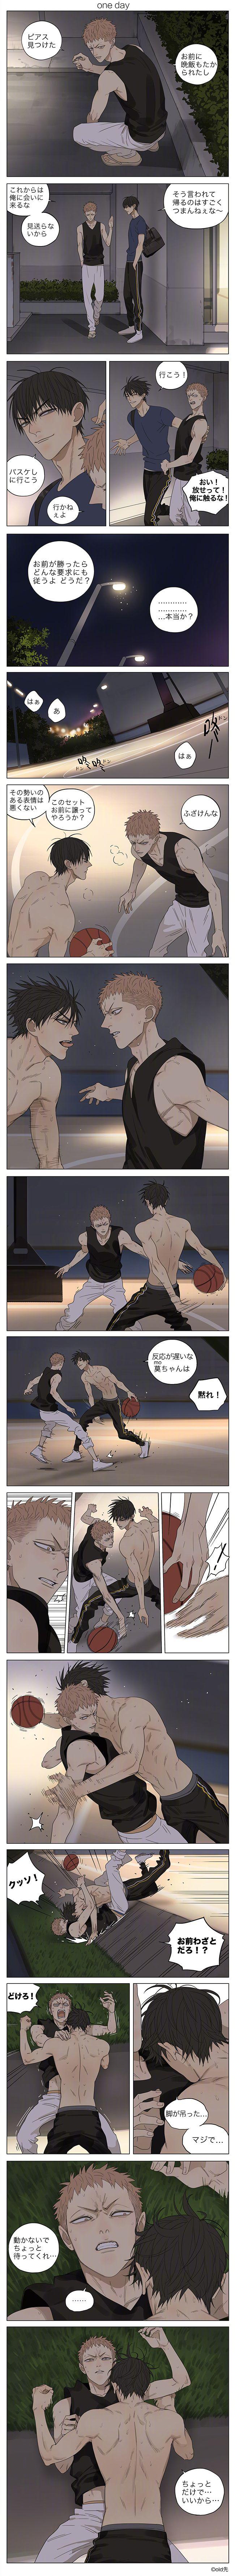 19天ch202日本語訳「篮球场。」Twitter @ukaretonnchiki